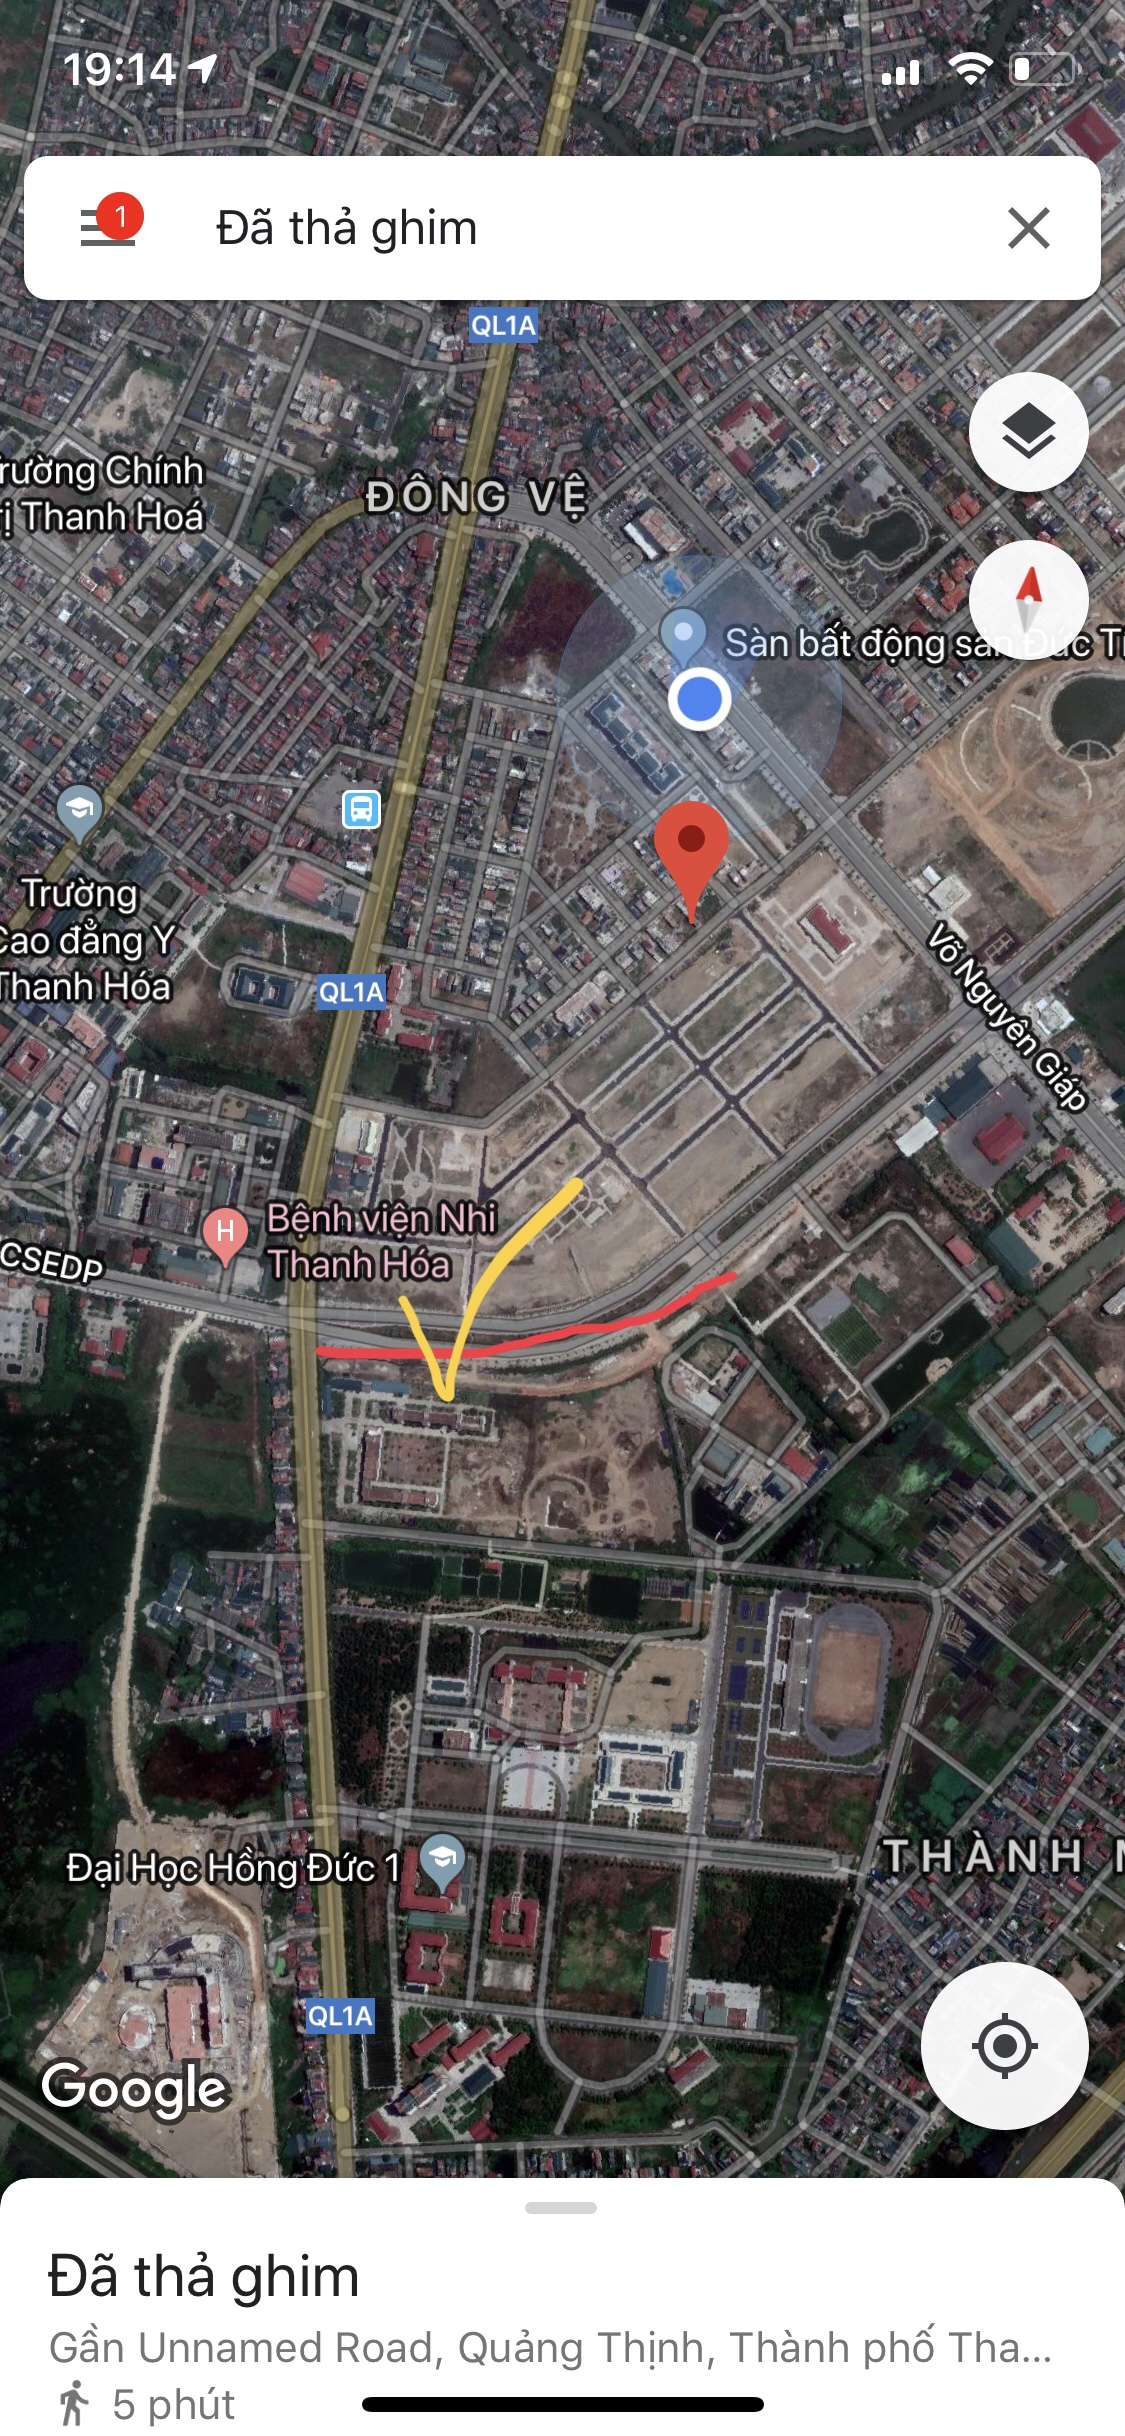 Bán đất mặt đường Csedp rộng 42m đối diện viện nhi Thanh Hoá